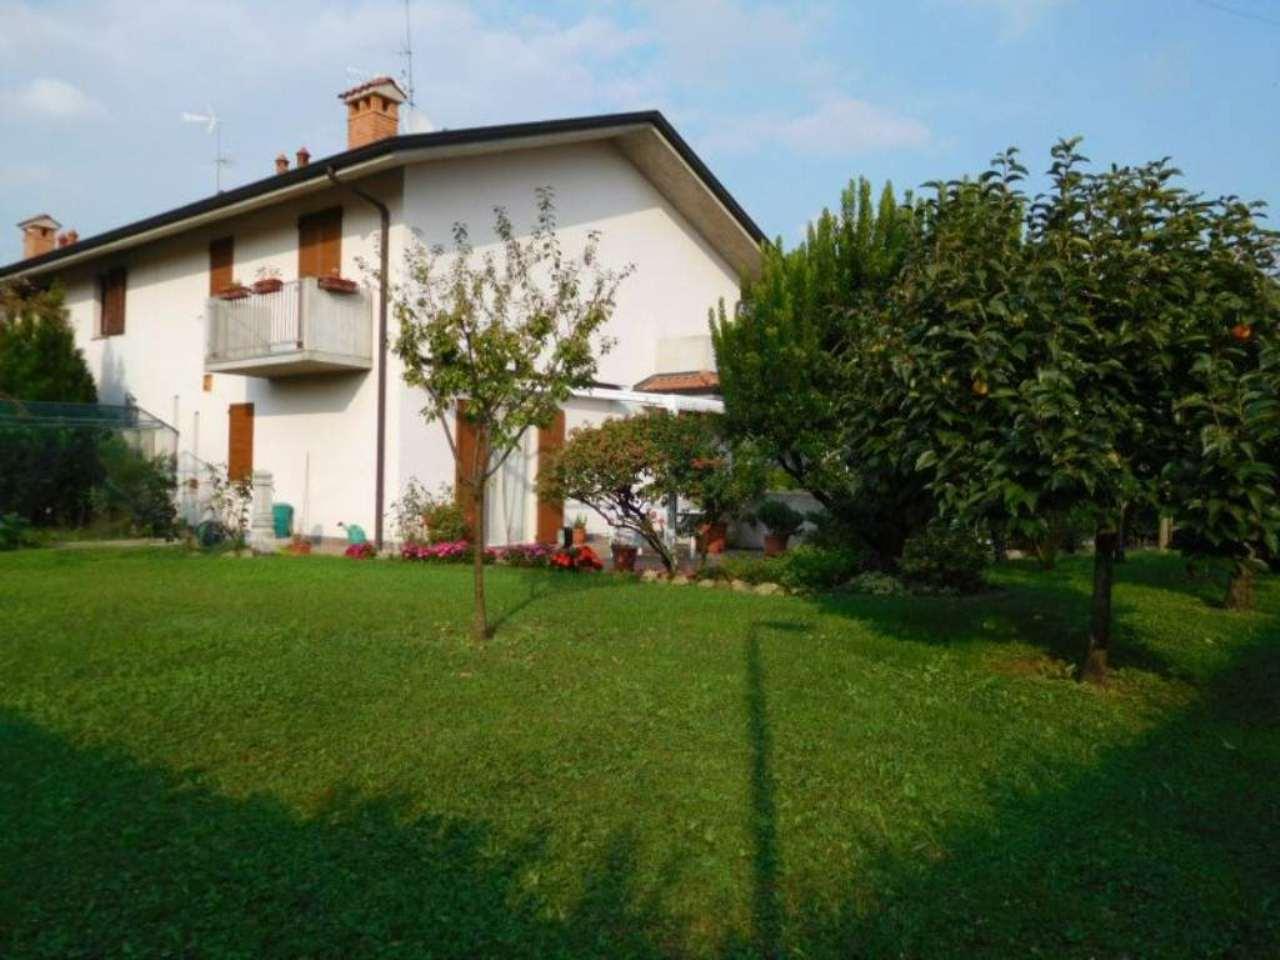 Villa Bifamiliare in vendita a San Paolo d'Argon, 4 locali, prezzo € 290.000 | CambioCasa.it